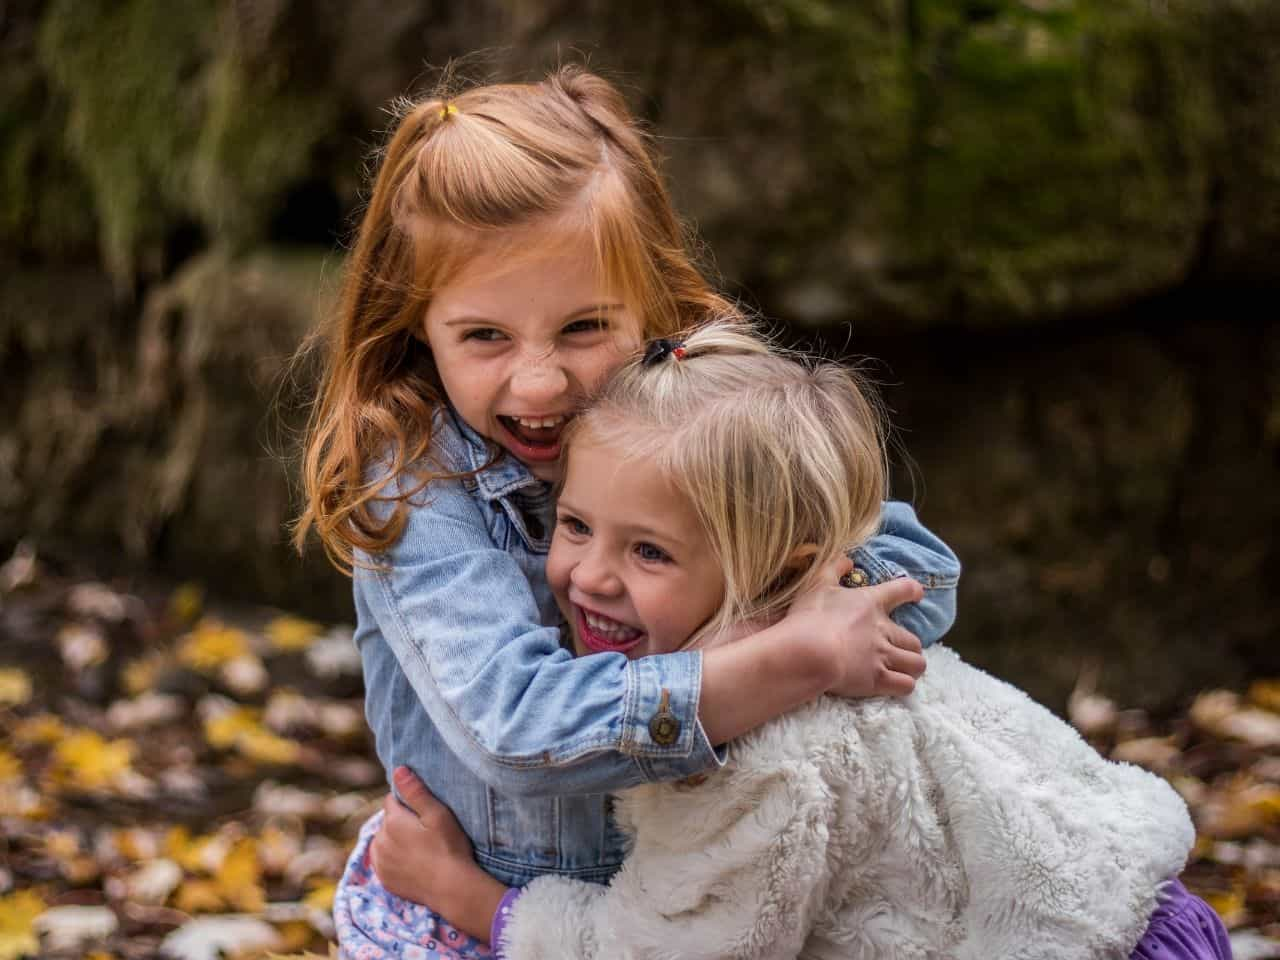 抱き合いながら他者を笑う二人の少女